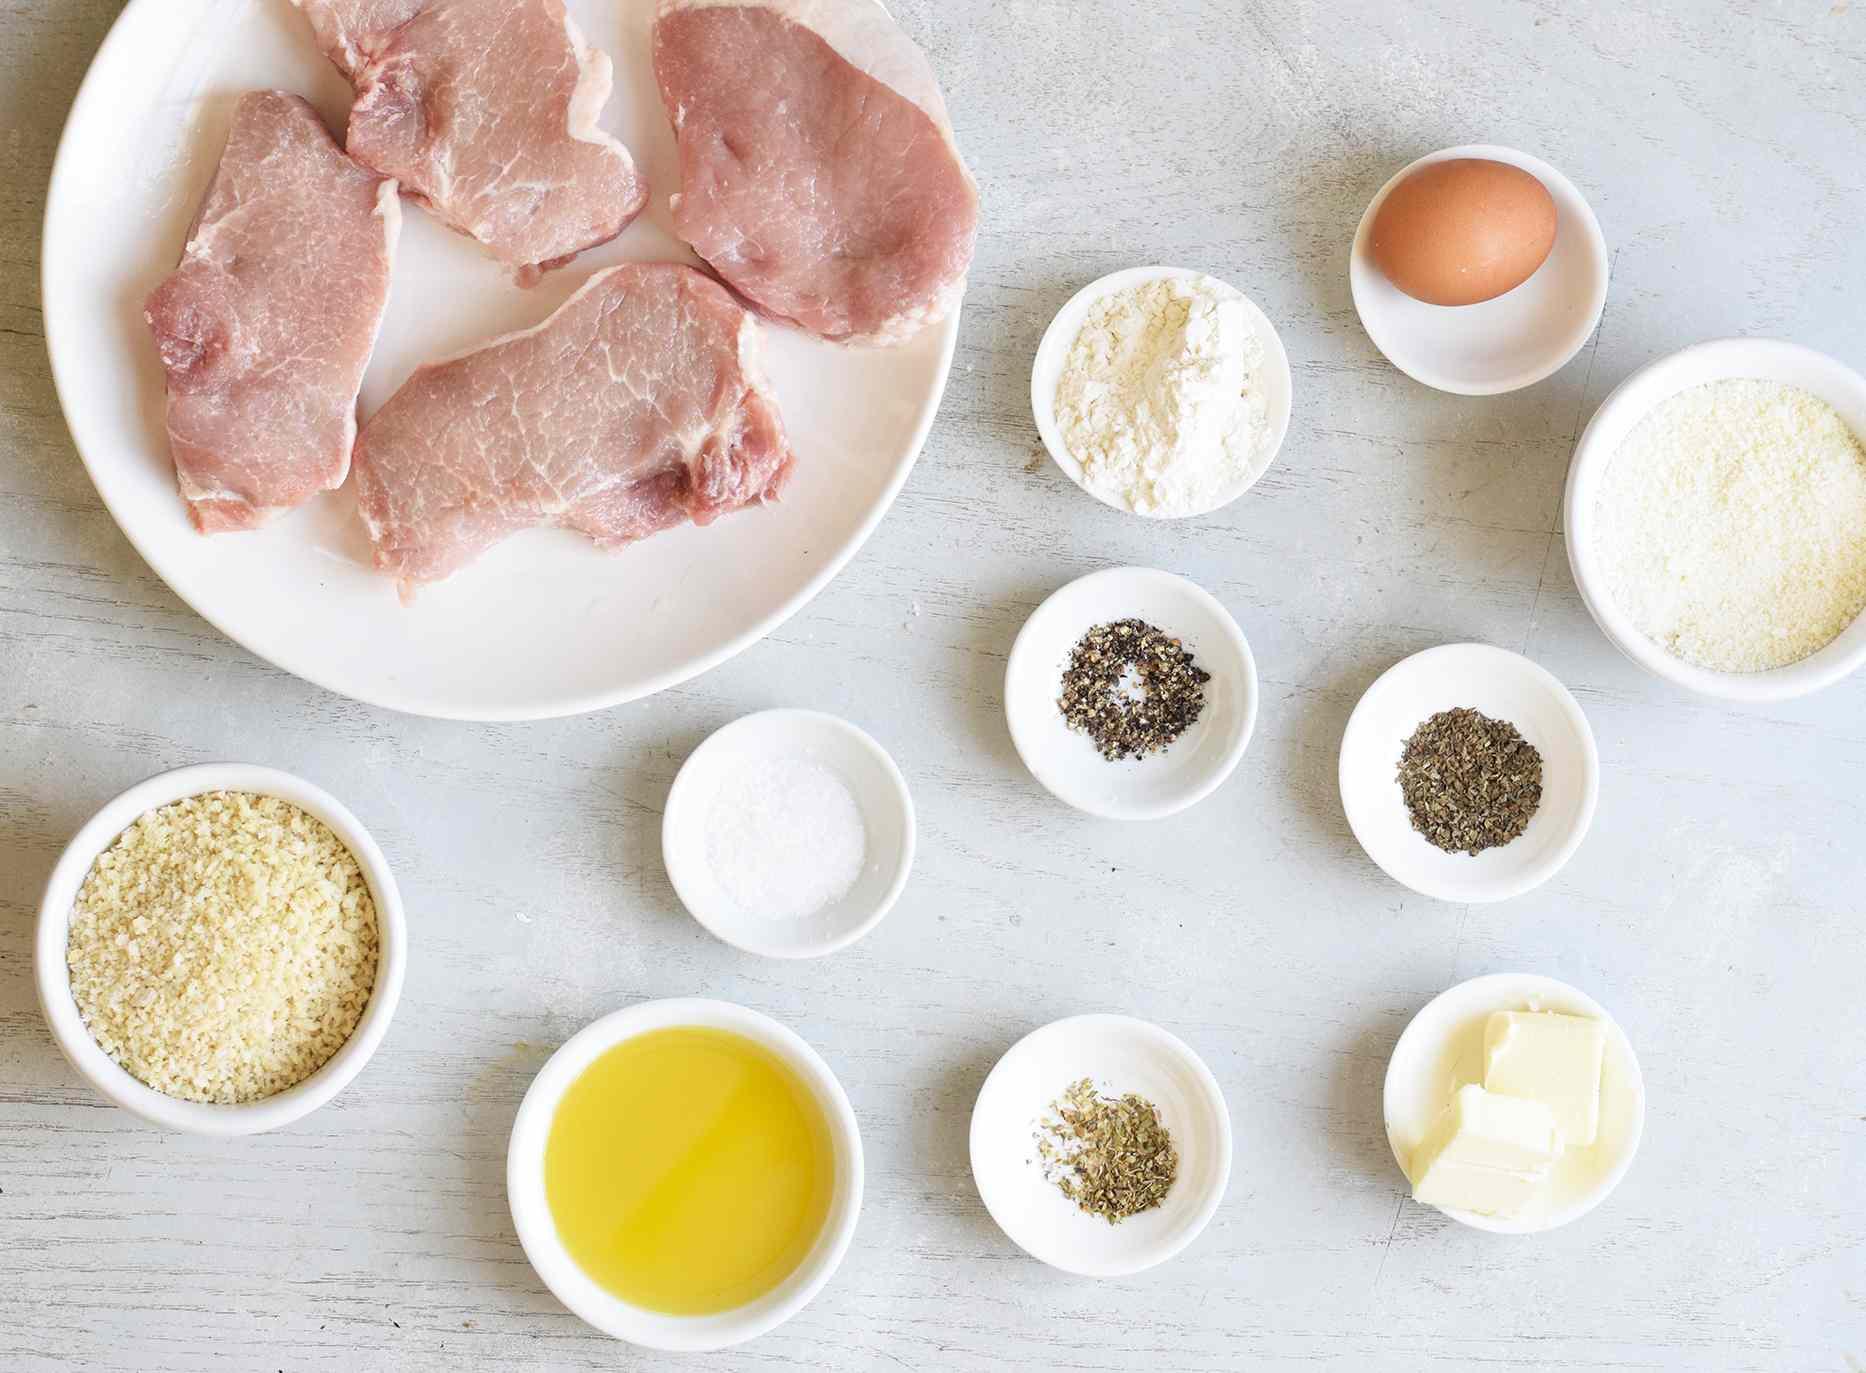 ingredients for parmesan pork chops on a platter